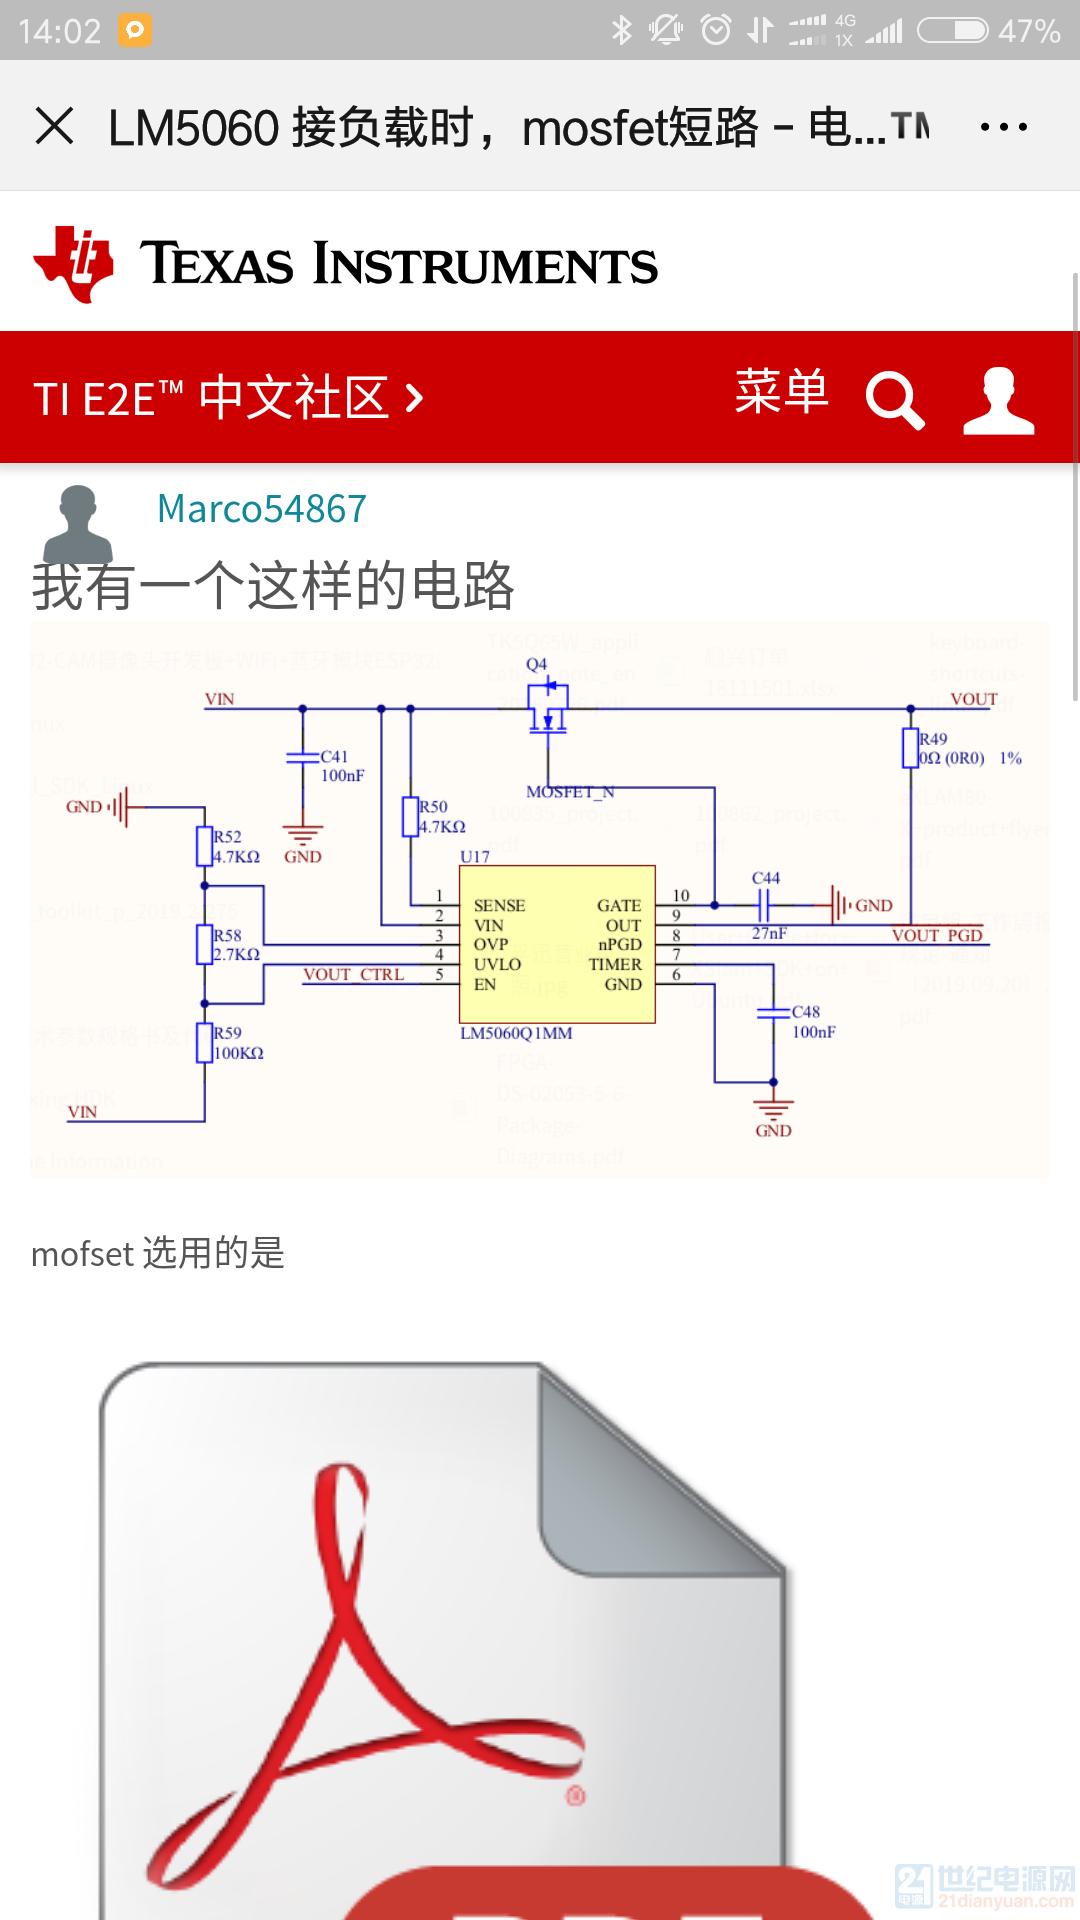 Screenshot_2019-11-01-14-02-03-839_com.tencent.mm.png